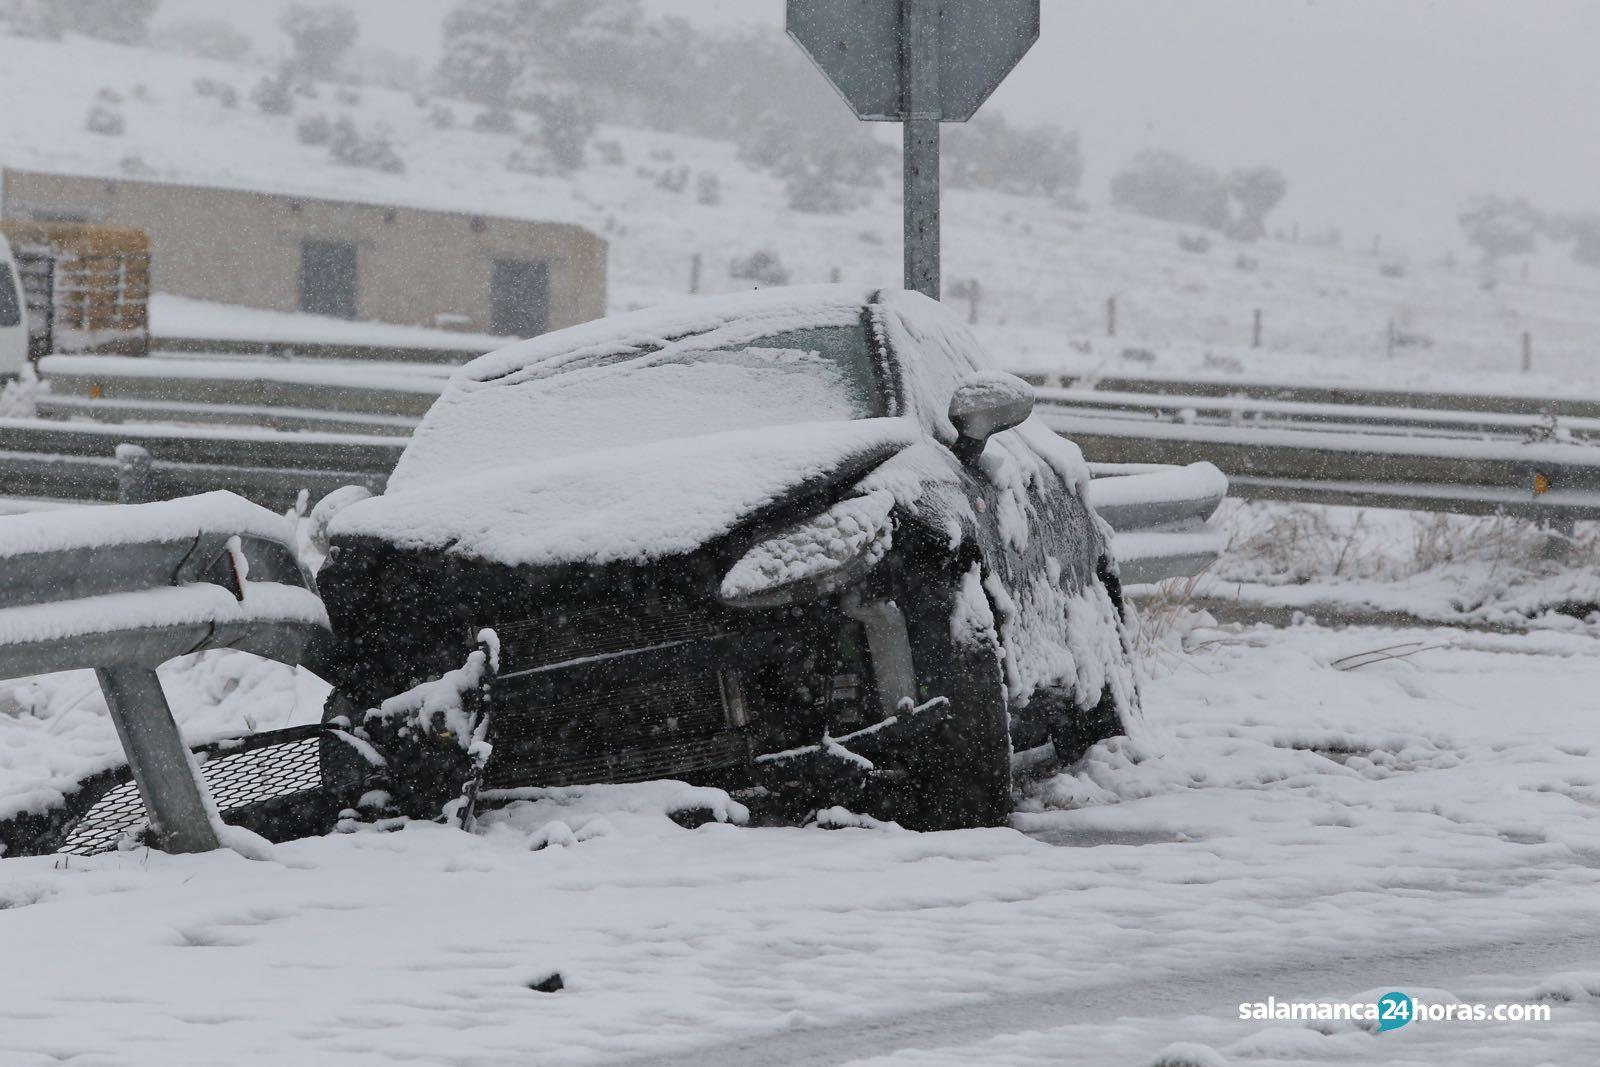 Accidente en montejo 7 1 2018 for Salamanca 24 horas